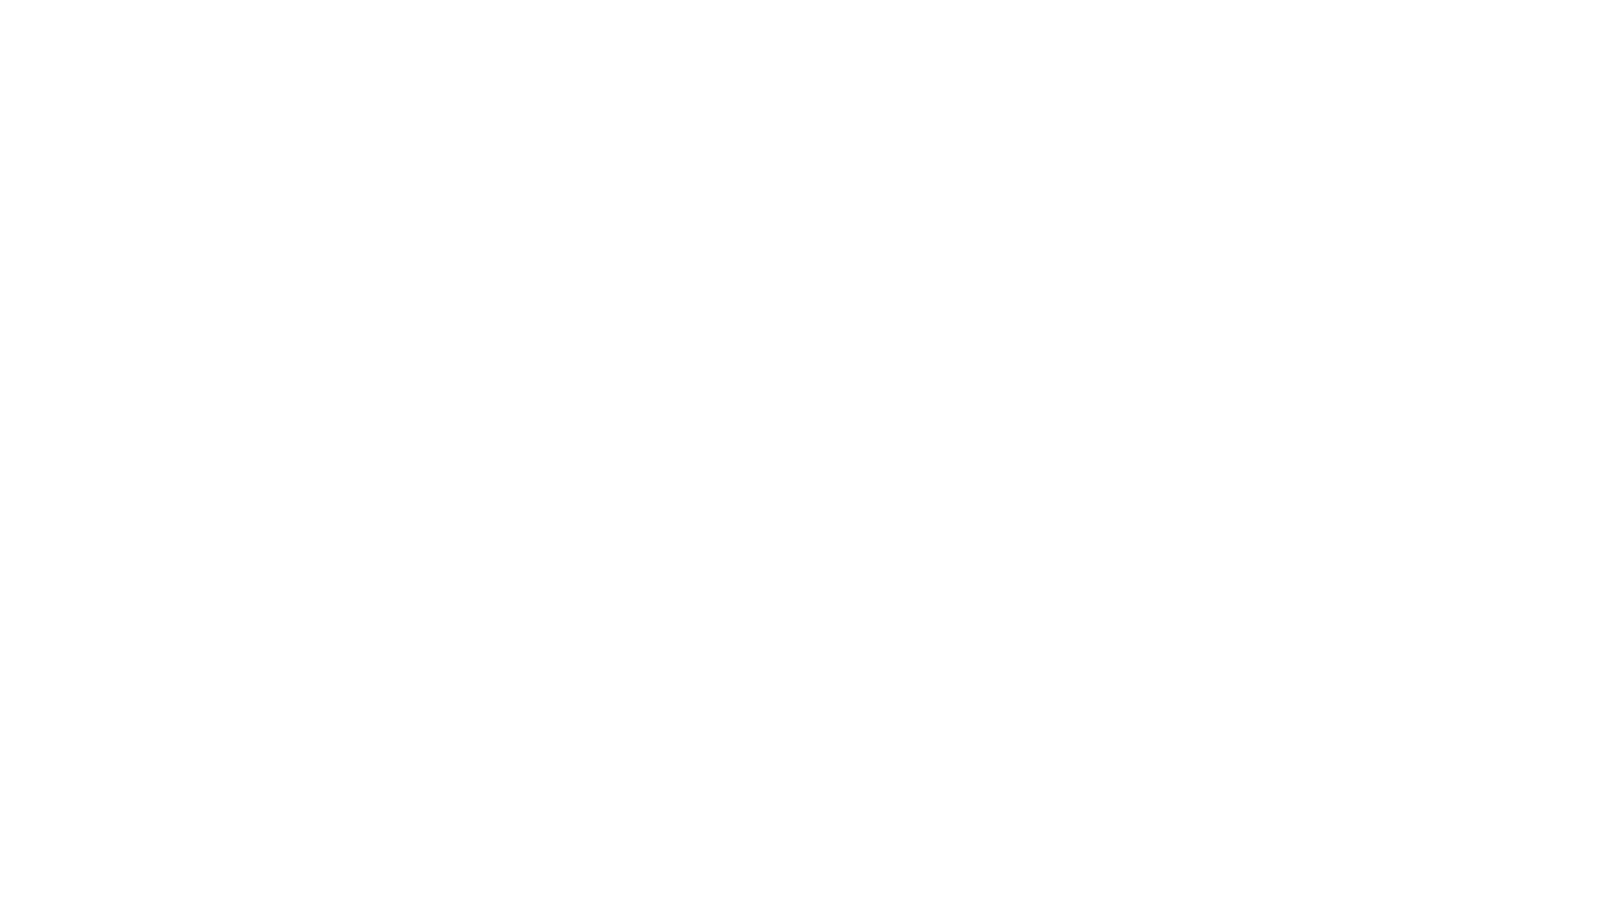 從2012年的『SAO 刀劍神域』開播之後,日本動畫界開始被大量的『異世界』題材佔據。  雖然誕生了許多如『轉生史萊姆』、『不死者之王』等優秀的作品,但更多的是題材莫名其妙、劇情嚴重套路、作畫大崩壞的二流作品。  日本動畫界的『異世界之亂』是怎麼誕生的,讓跨界塗鴉的『三宅異聲』系列告訴你。   【跨界塗鴉FB粉絲頁】:https://www.facebook.com/xovrology 【跨界塗鴉Instagram】:https://www.instagram.com/xovrology/ 【跨界塗鴉的官方網站】:www.xovr.me